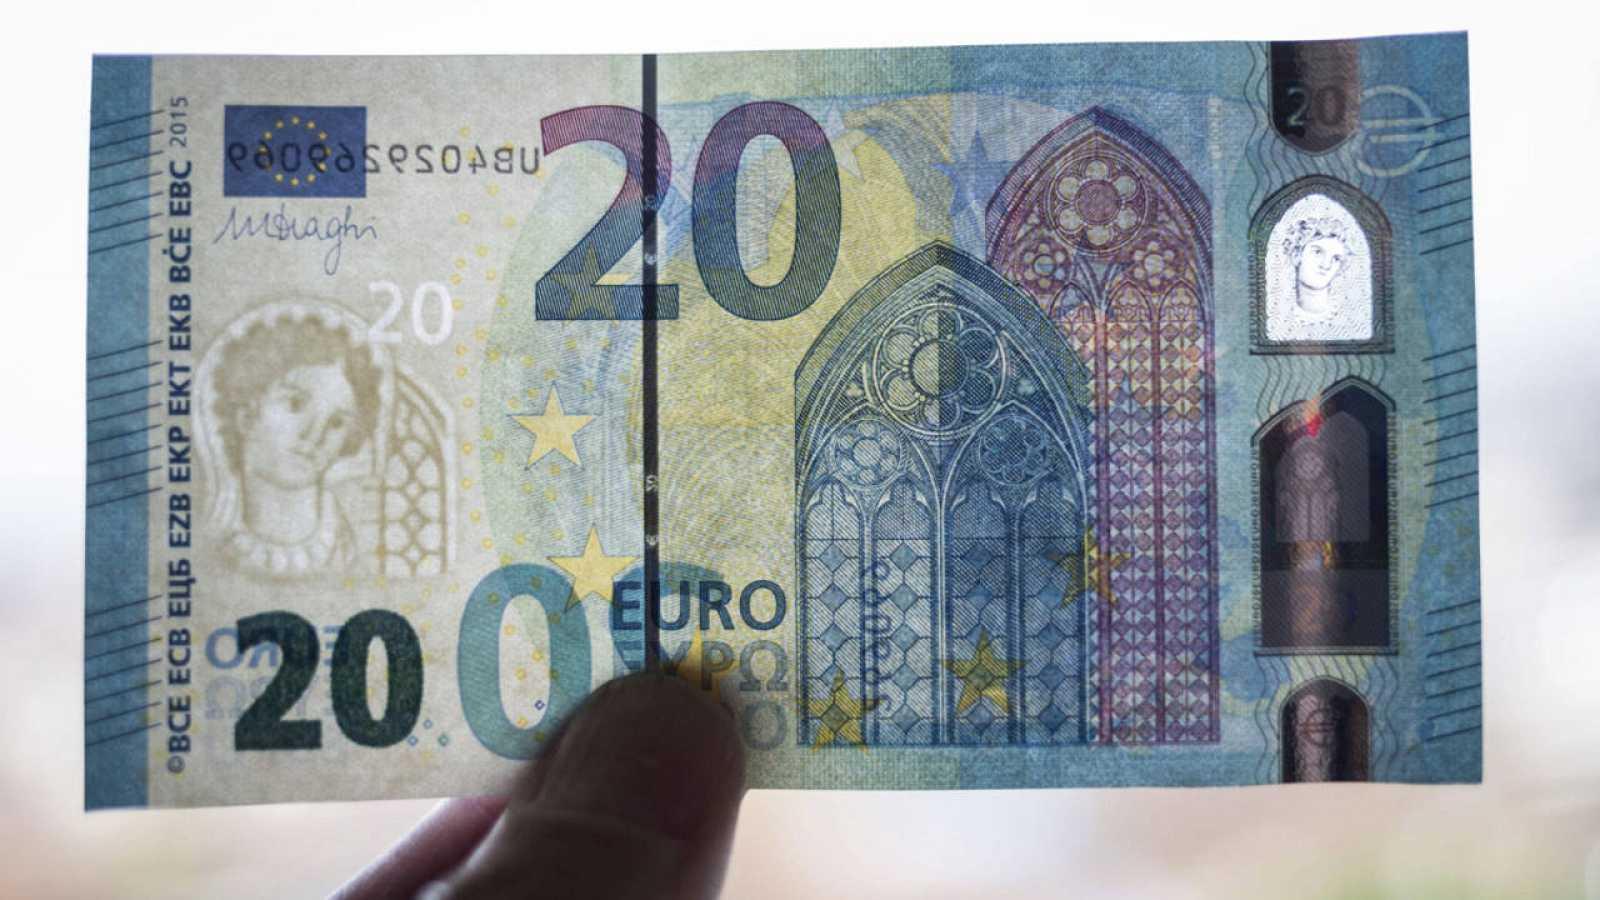 Un miembro del banco federal alemán muestra un nuevo billete de 20 euros durante su presentación en la sede del banco en Fráncfort